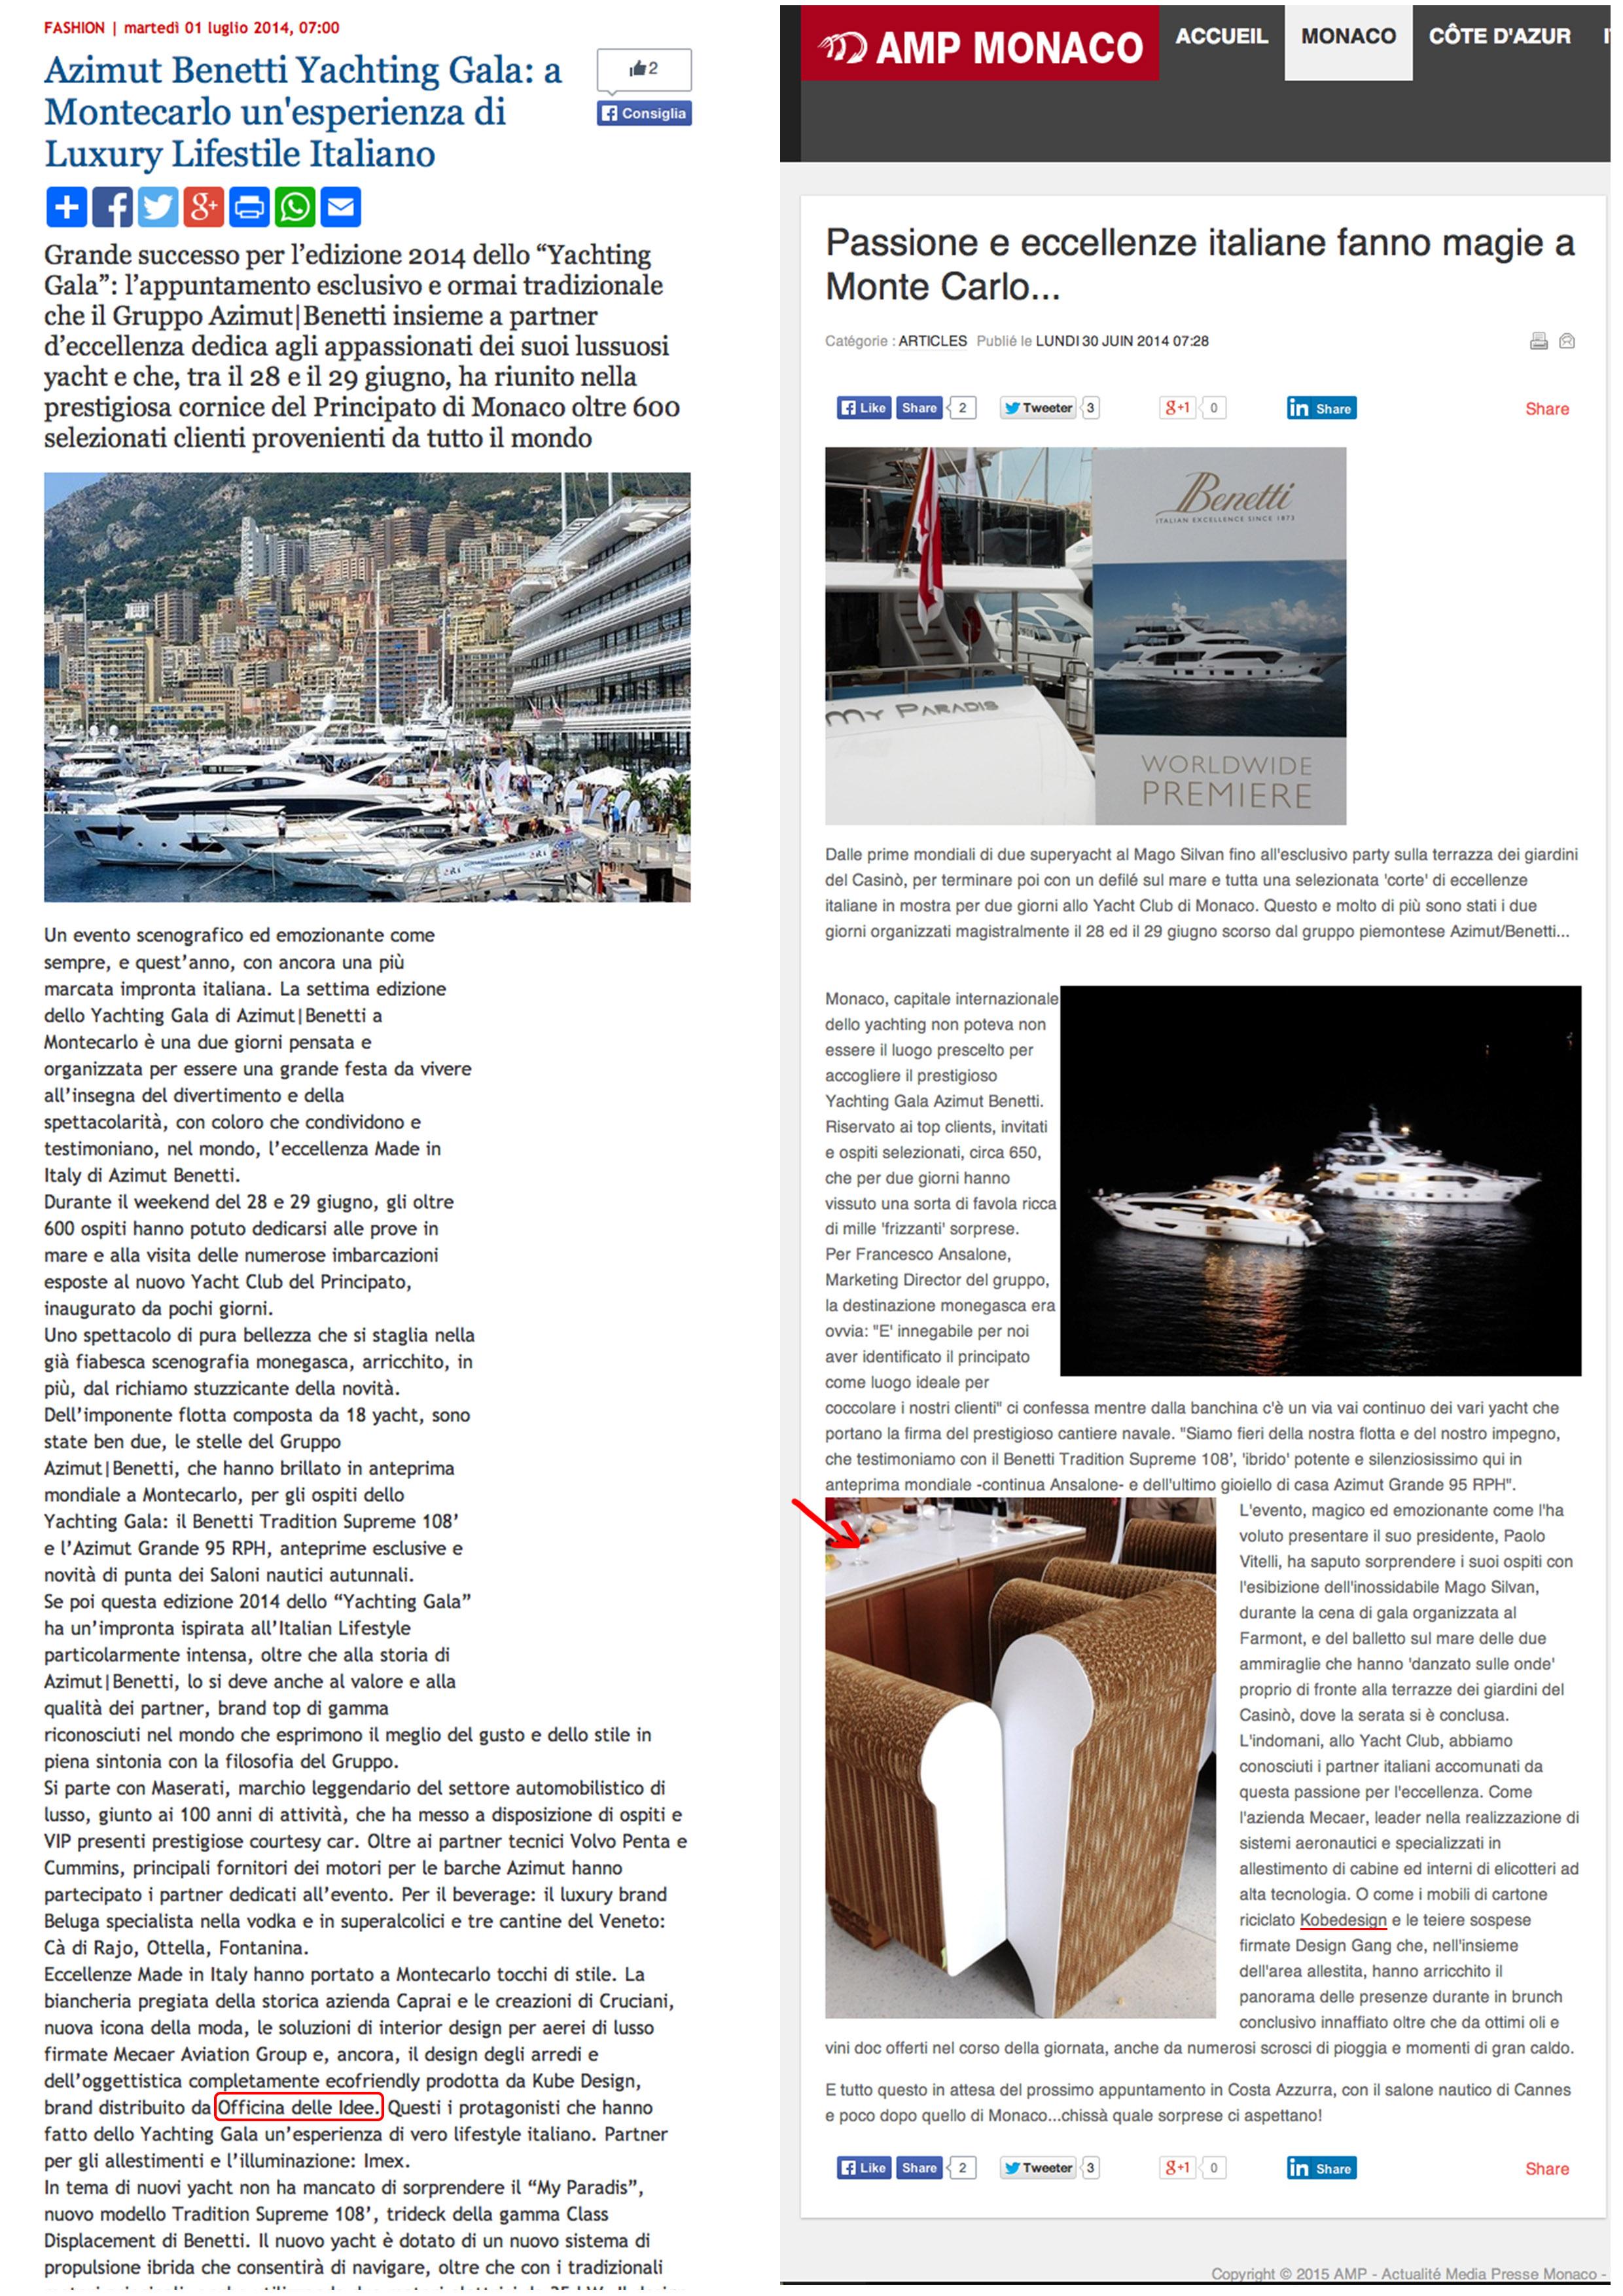 azimut_yacht